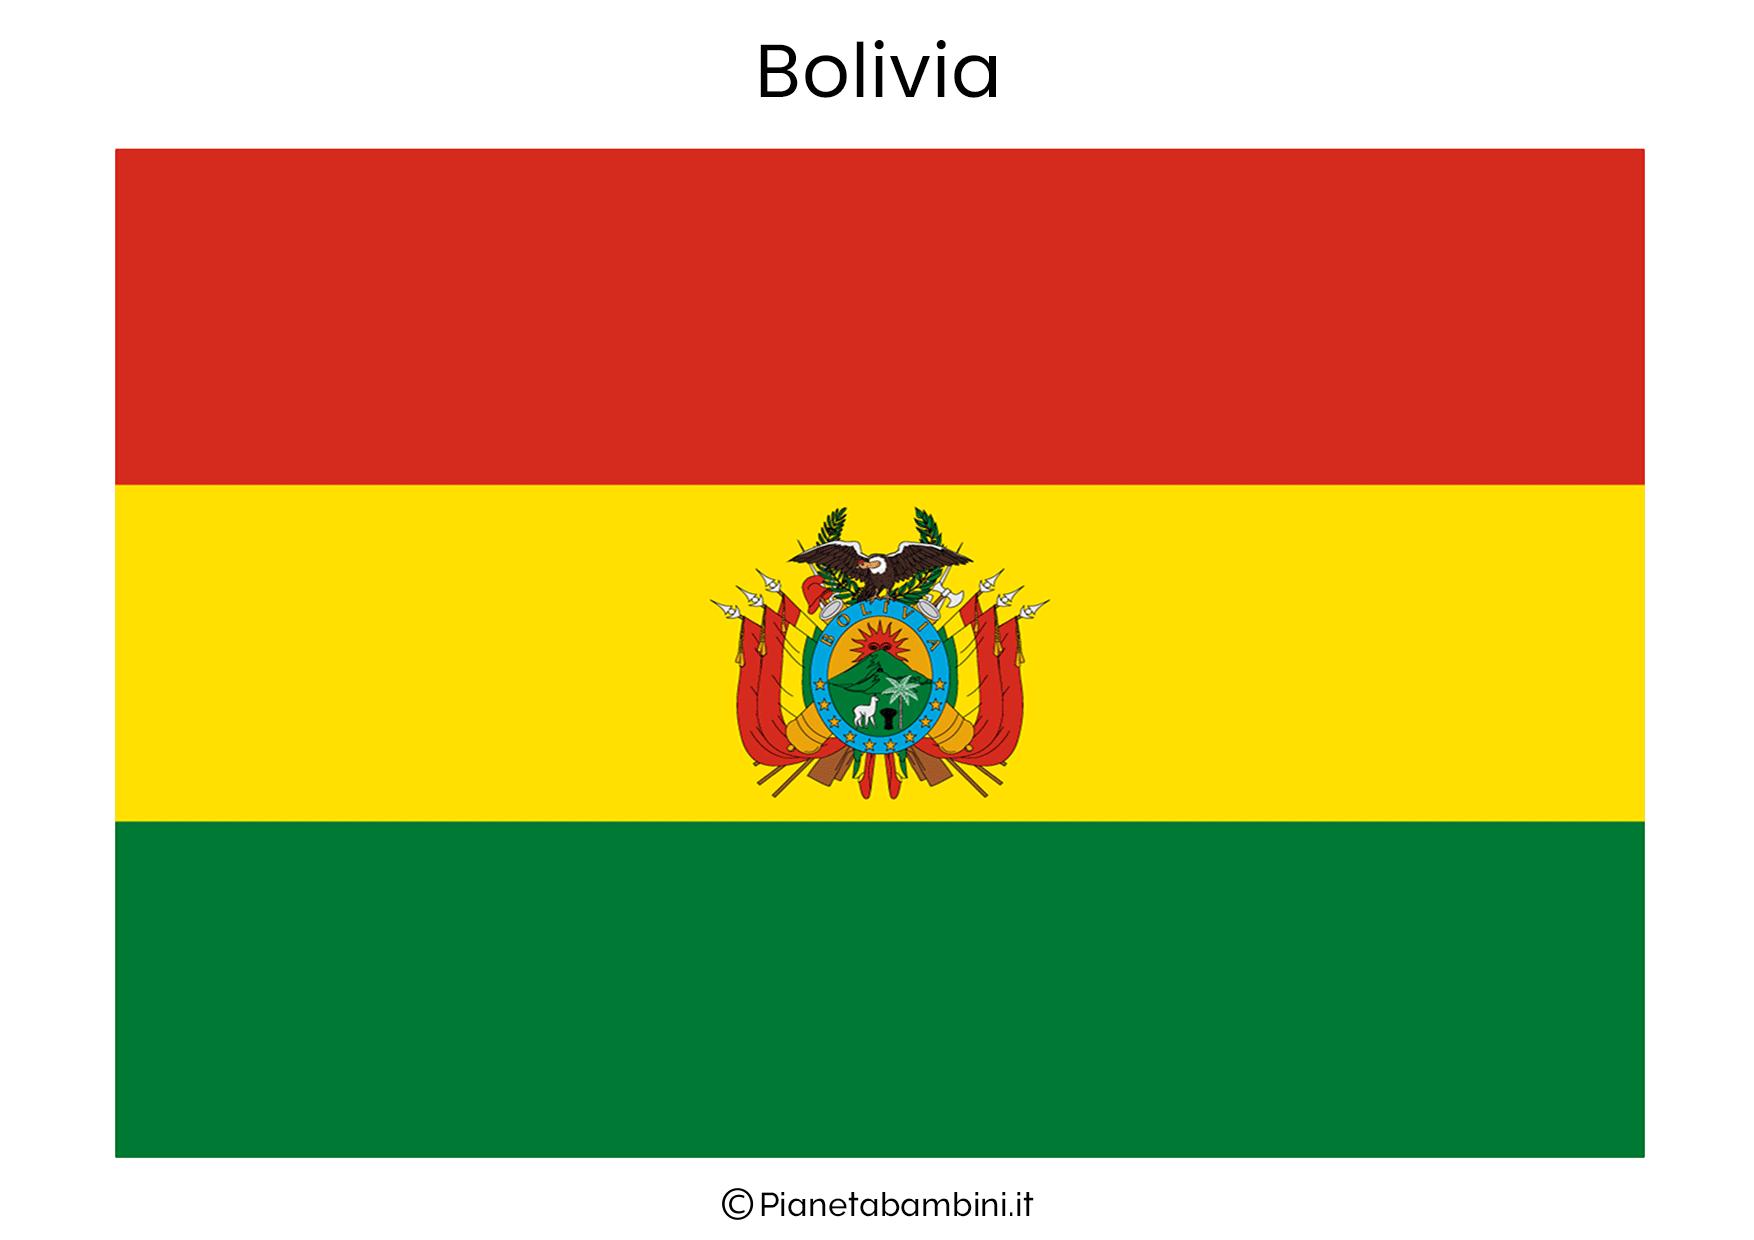 Bandiera della Bolivia da stampare